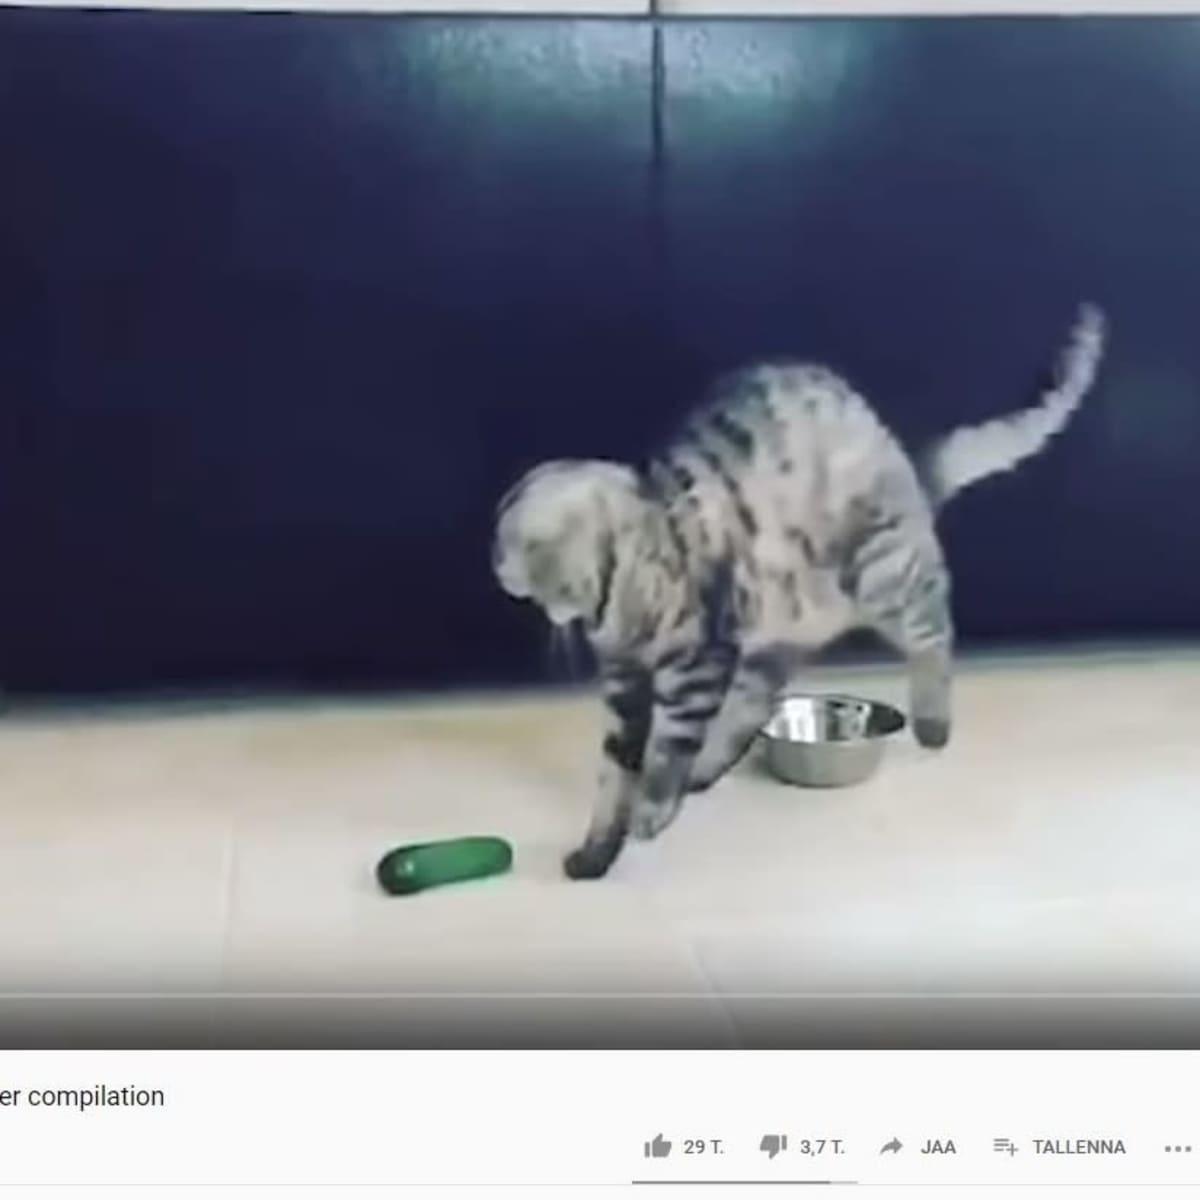 Kuvakaappaus Youtube-videosta: kissa on hypännyt ilmaan ja katsoo maassa olevaa kurkkua.